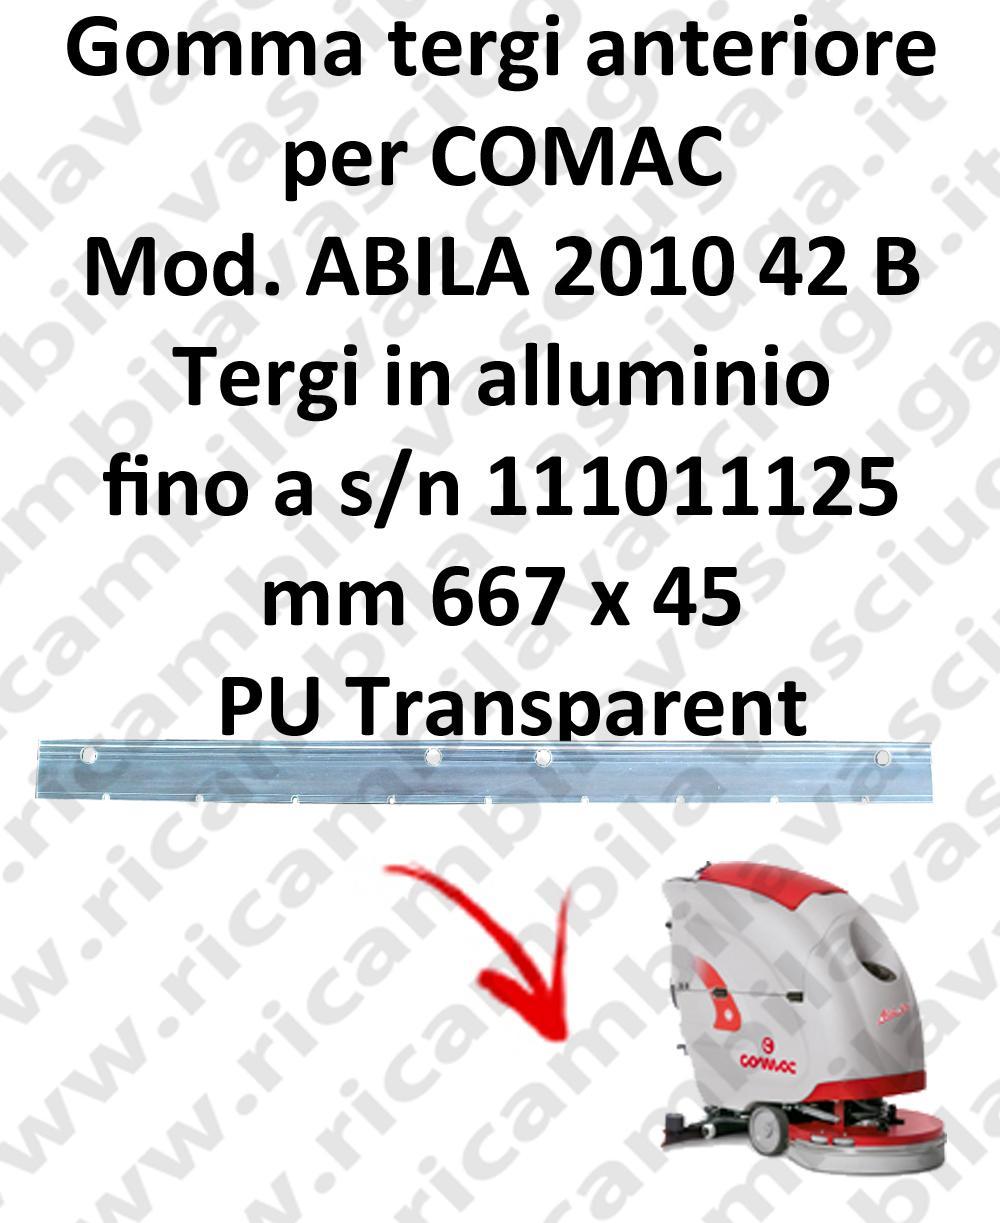 Gomma tergipavimento anteriore per lavapavimenti COMAC ABILA 2010 42 B - BT